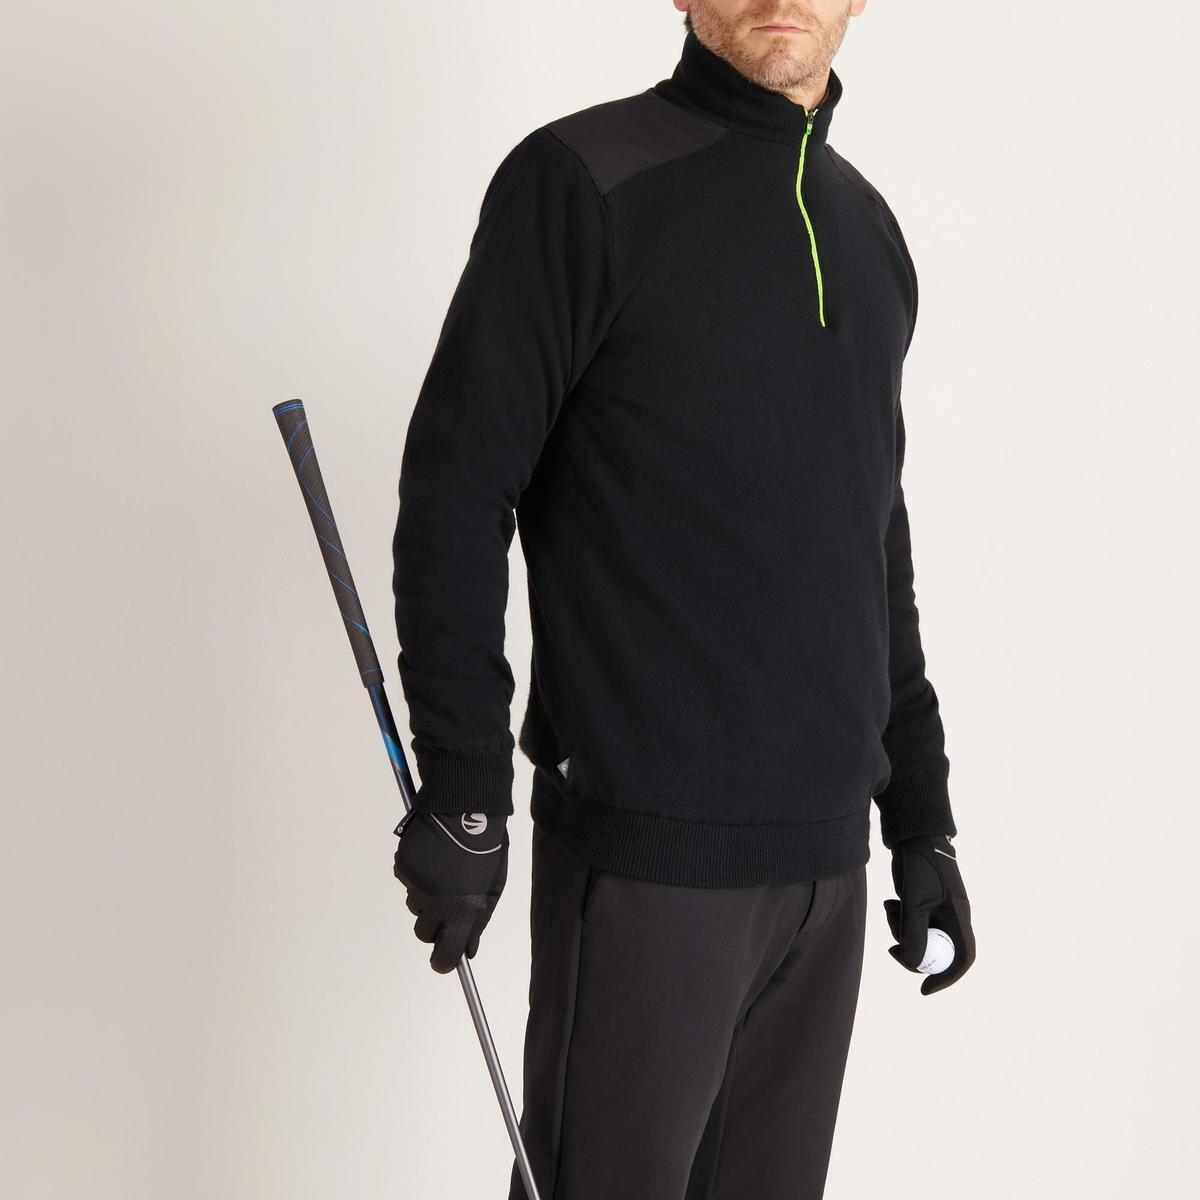 Bild 3 von Golf Pullover winddicht warm Herren schwarz